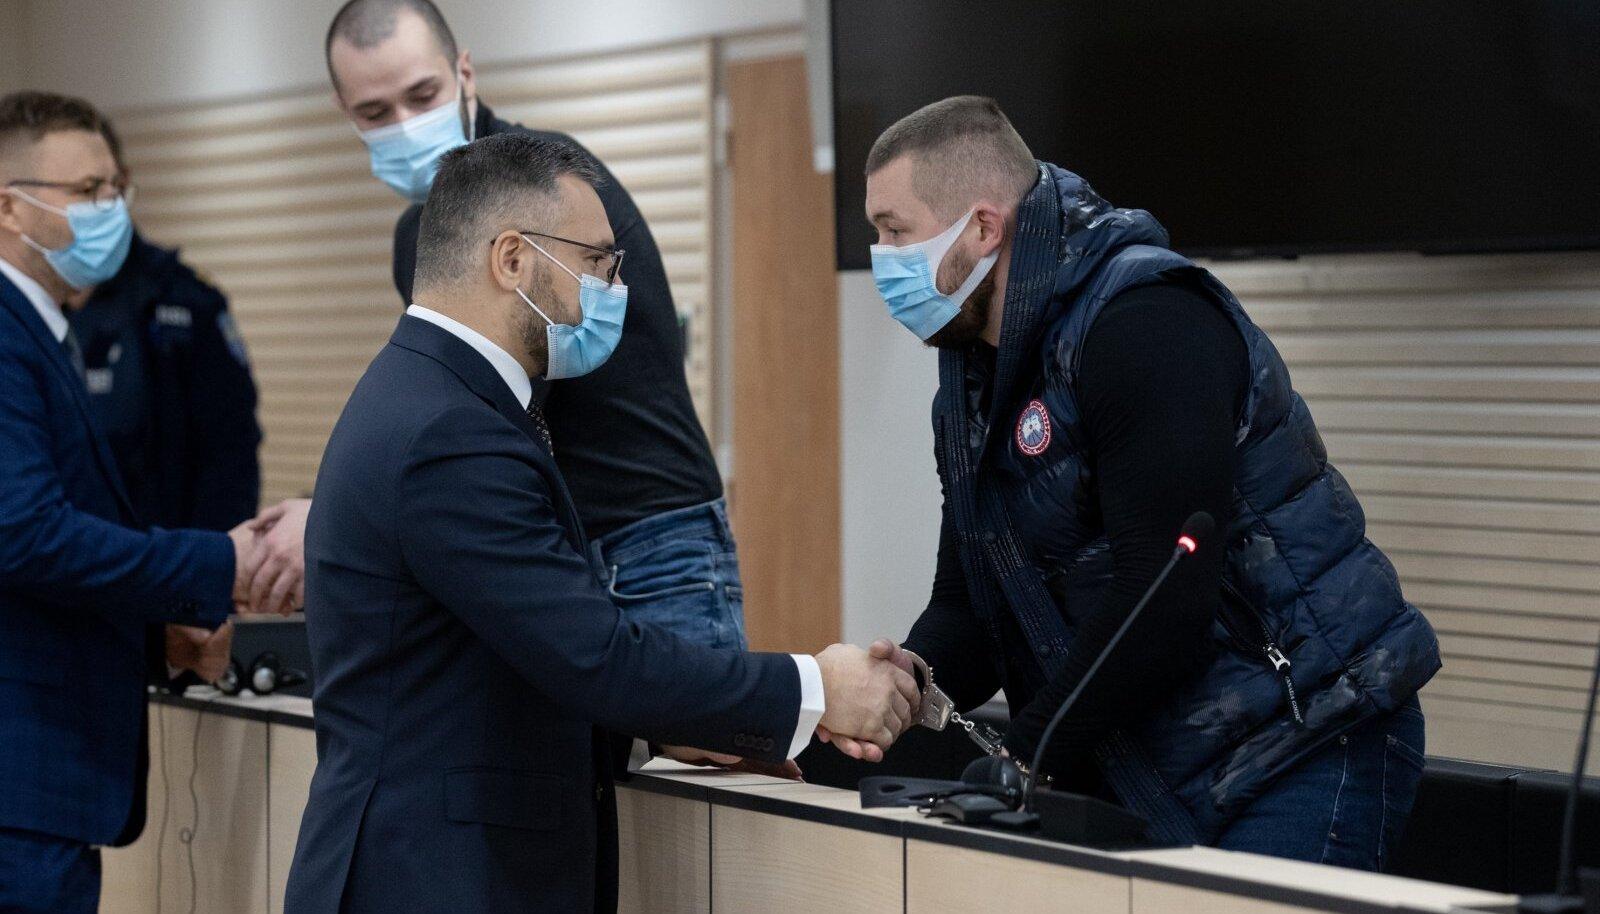 Isa Khalilovi ja Vjatšeslav Kalašnikovi kohtuistung Harju maakohtus